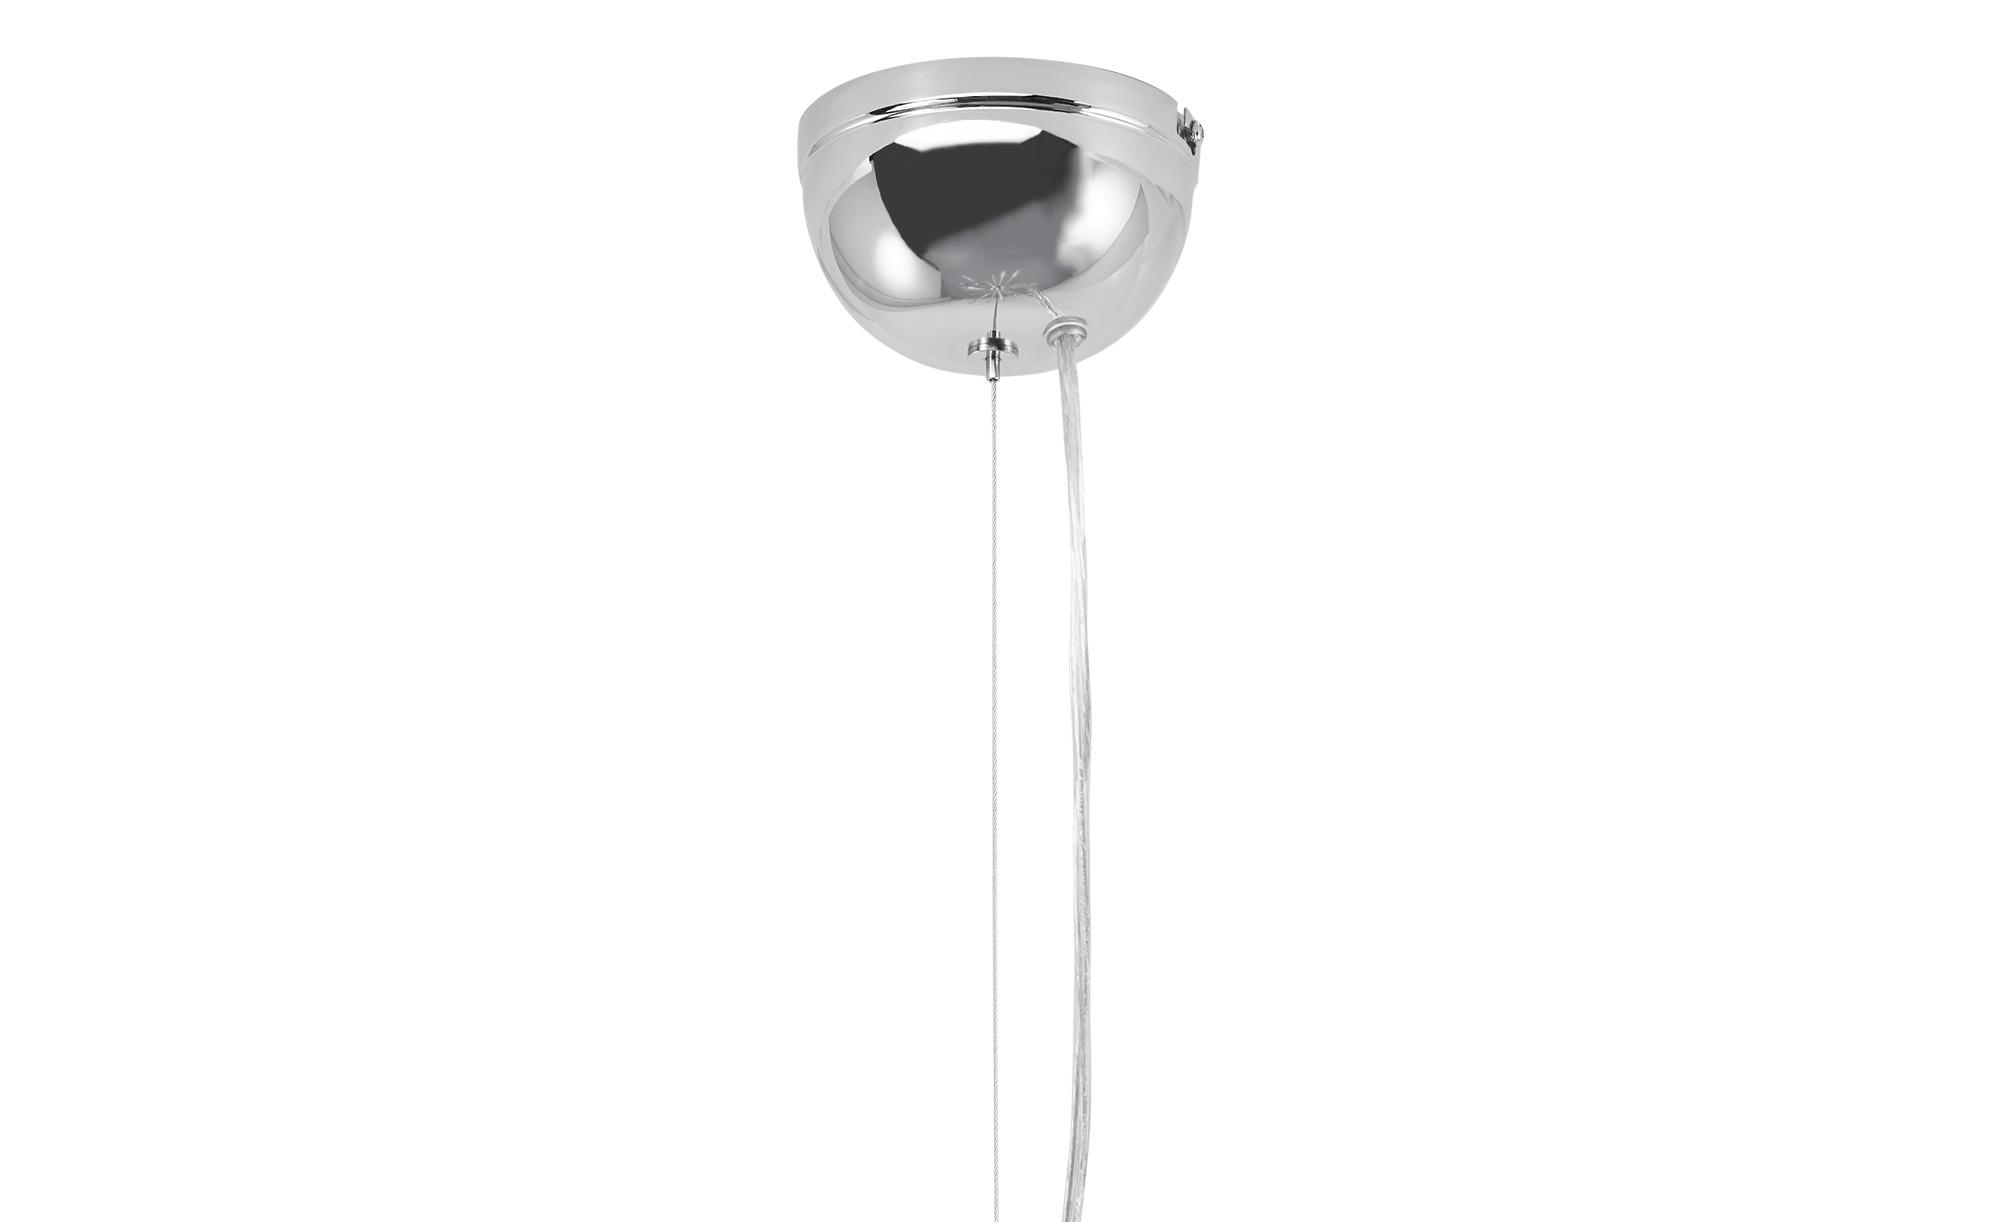 KHG Pendelleuchte, 16-flammig, chrom ¦ silber ¦ Maße (cm): H: 160 Ø: 60 Lampen & Leuchten > Innenleuchten > Pendelleuchten - Höffner